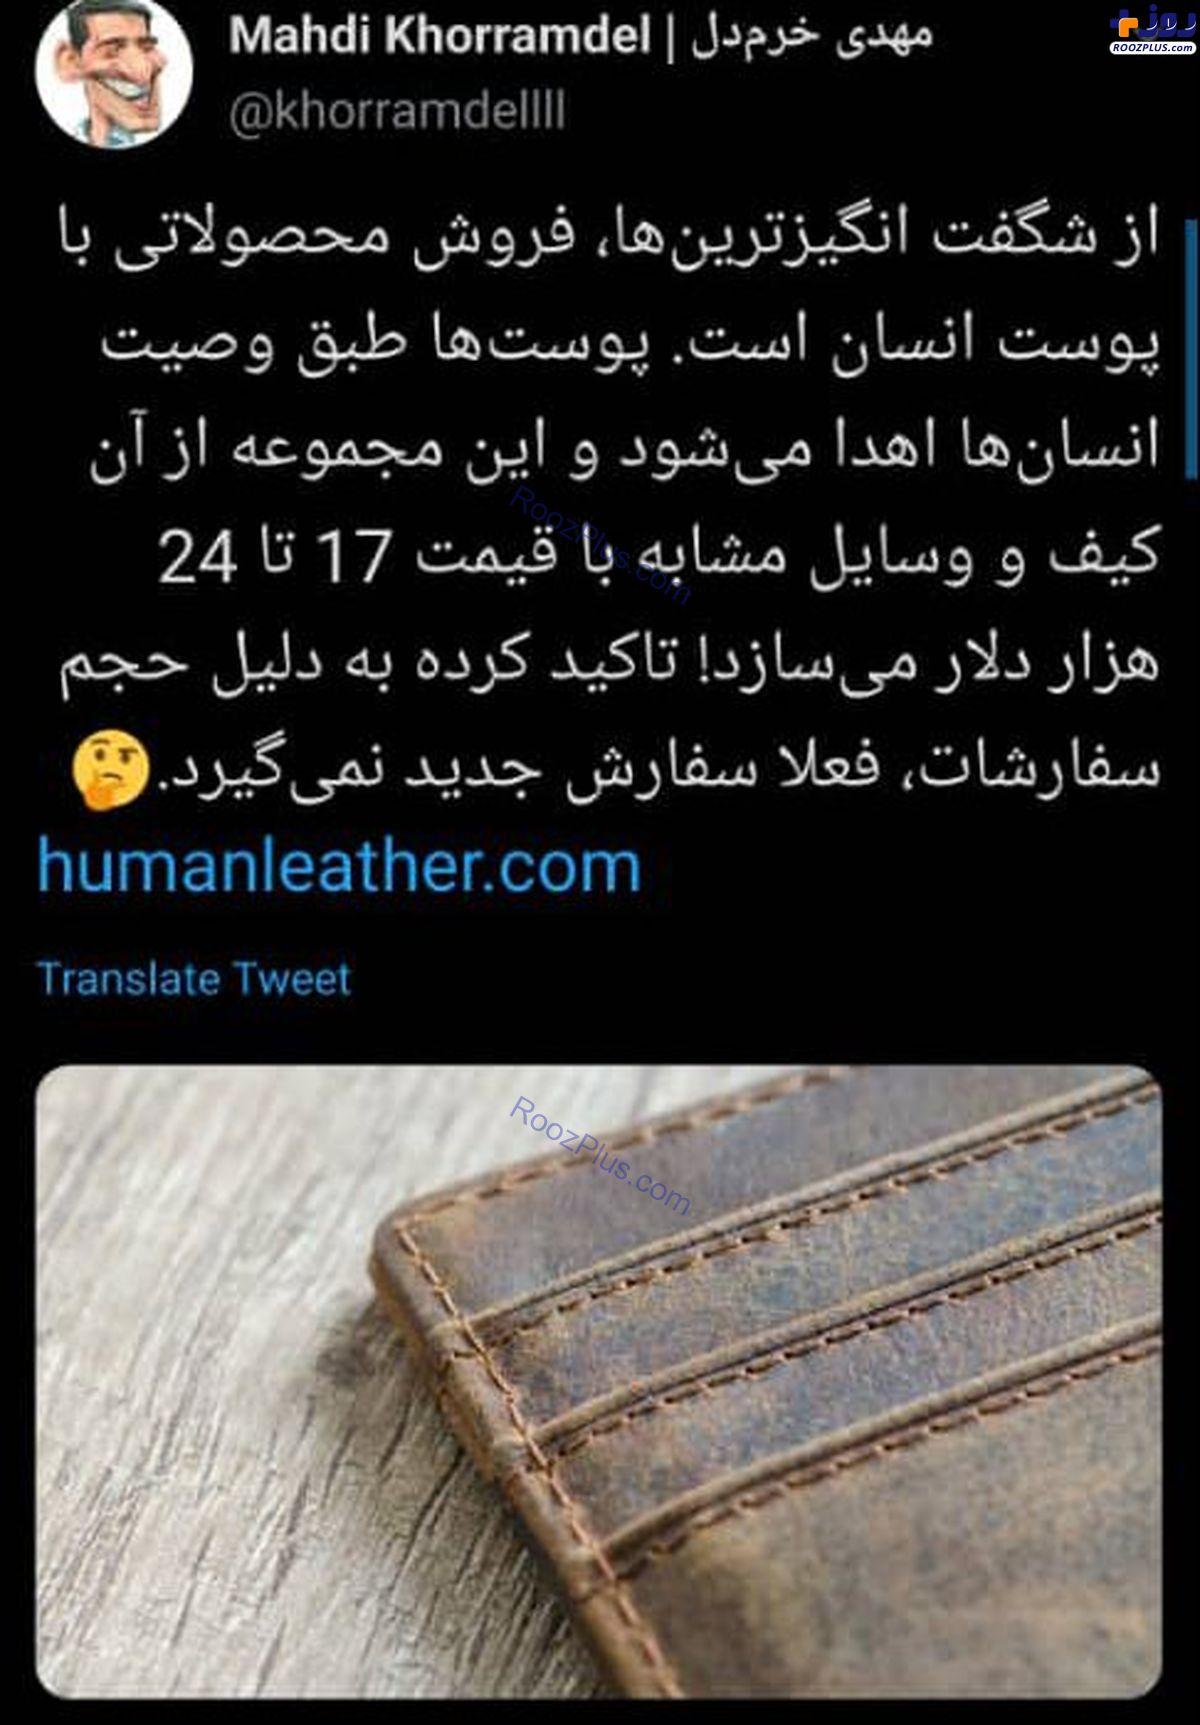 فروش کیف چرمی از پوست انسان+عکس